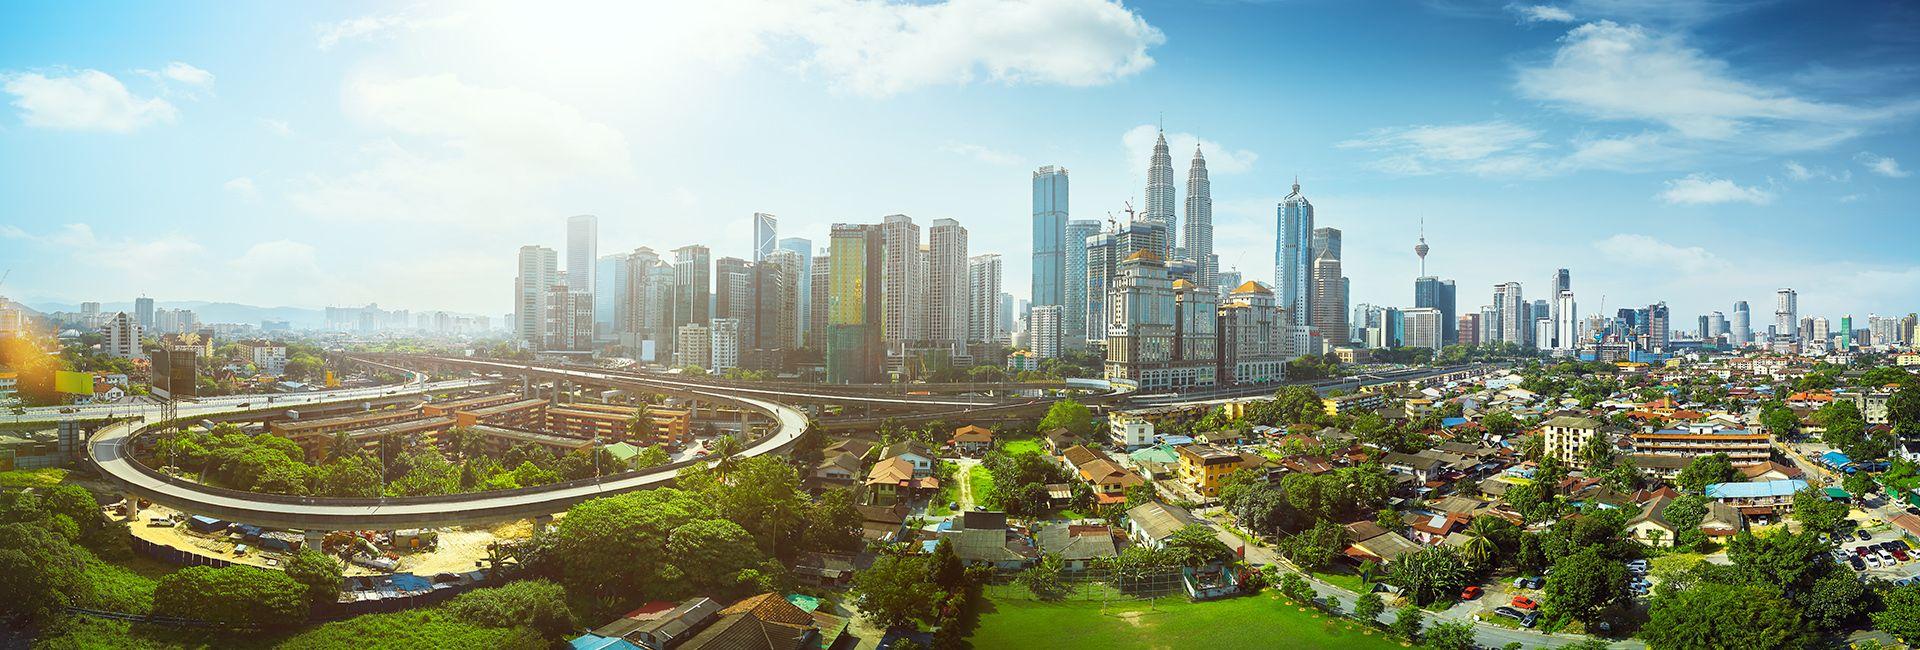 10 lời khuyên hàng đầu khi đi du lịch Malaysia